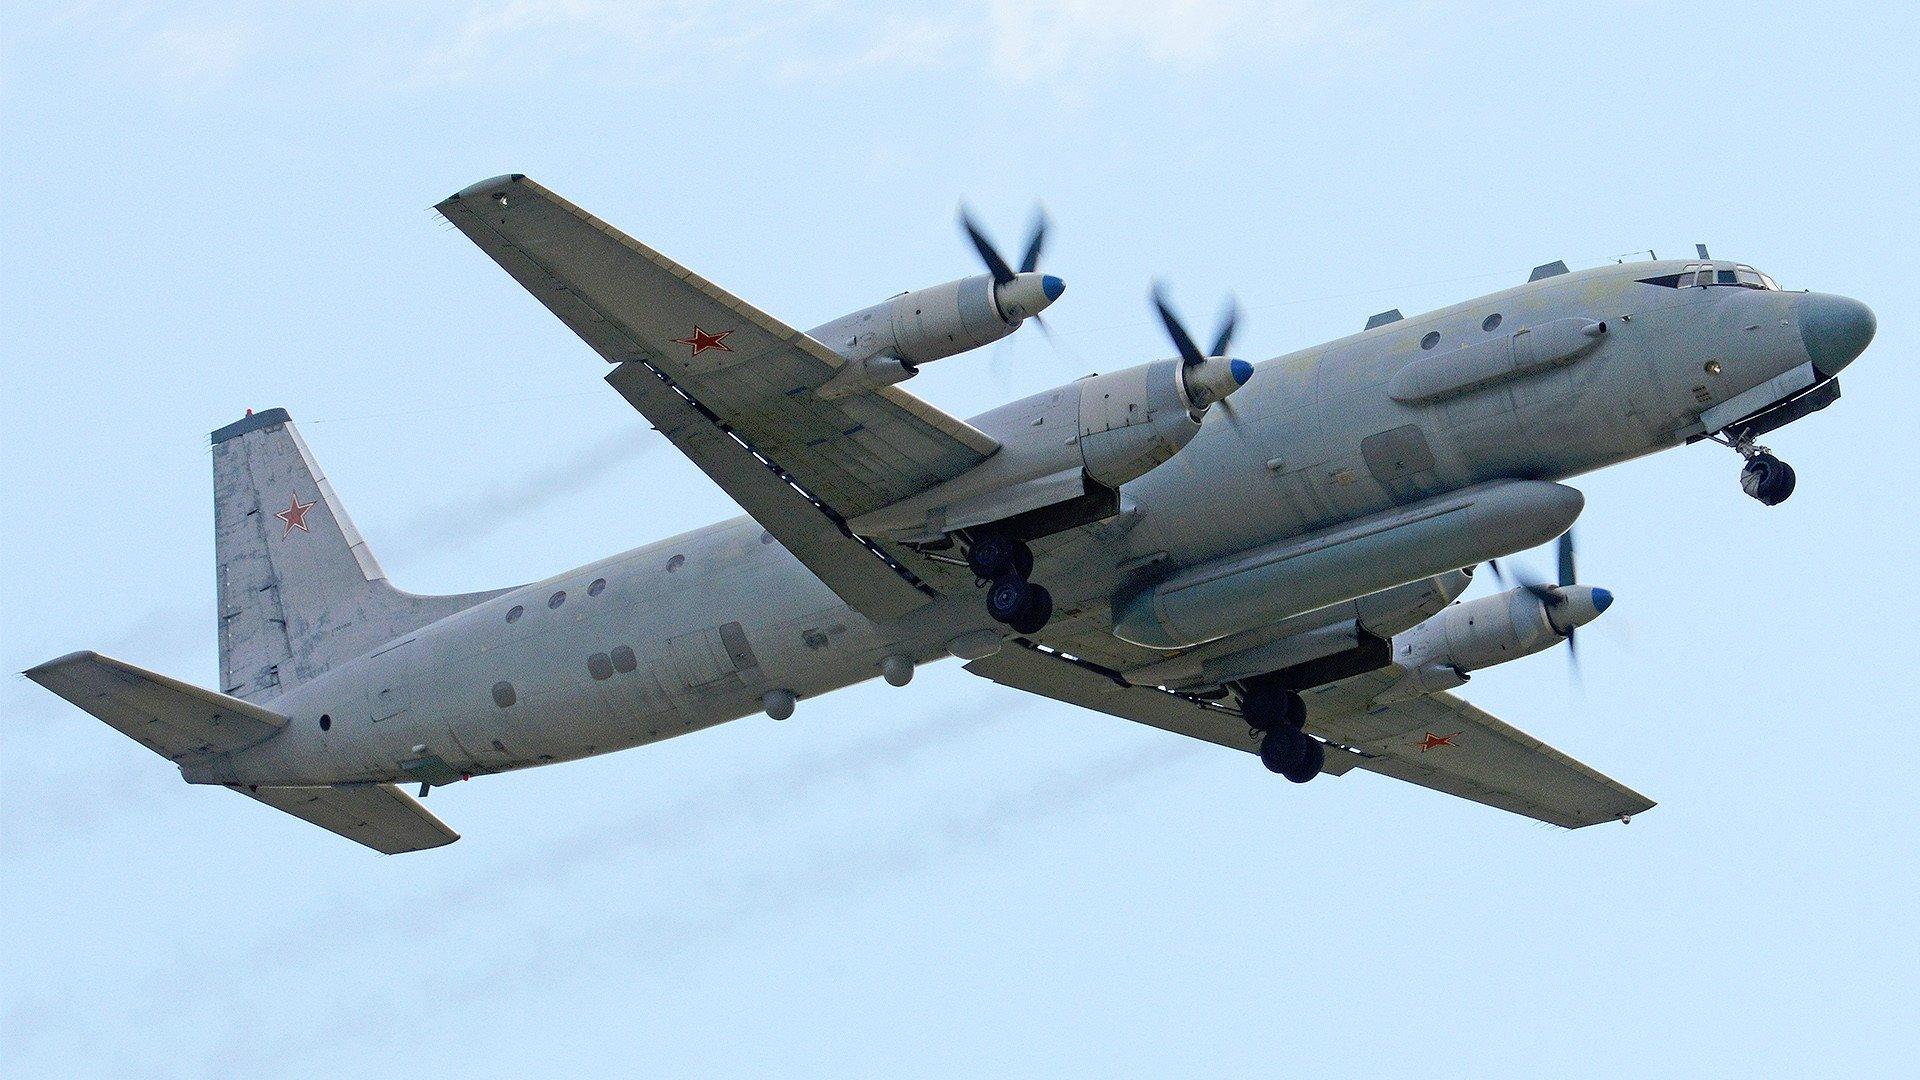 美国代表就伊尔20军机被击落事件向俄表示哀悼